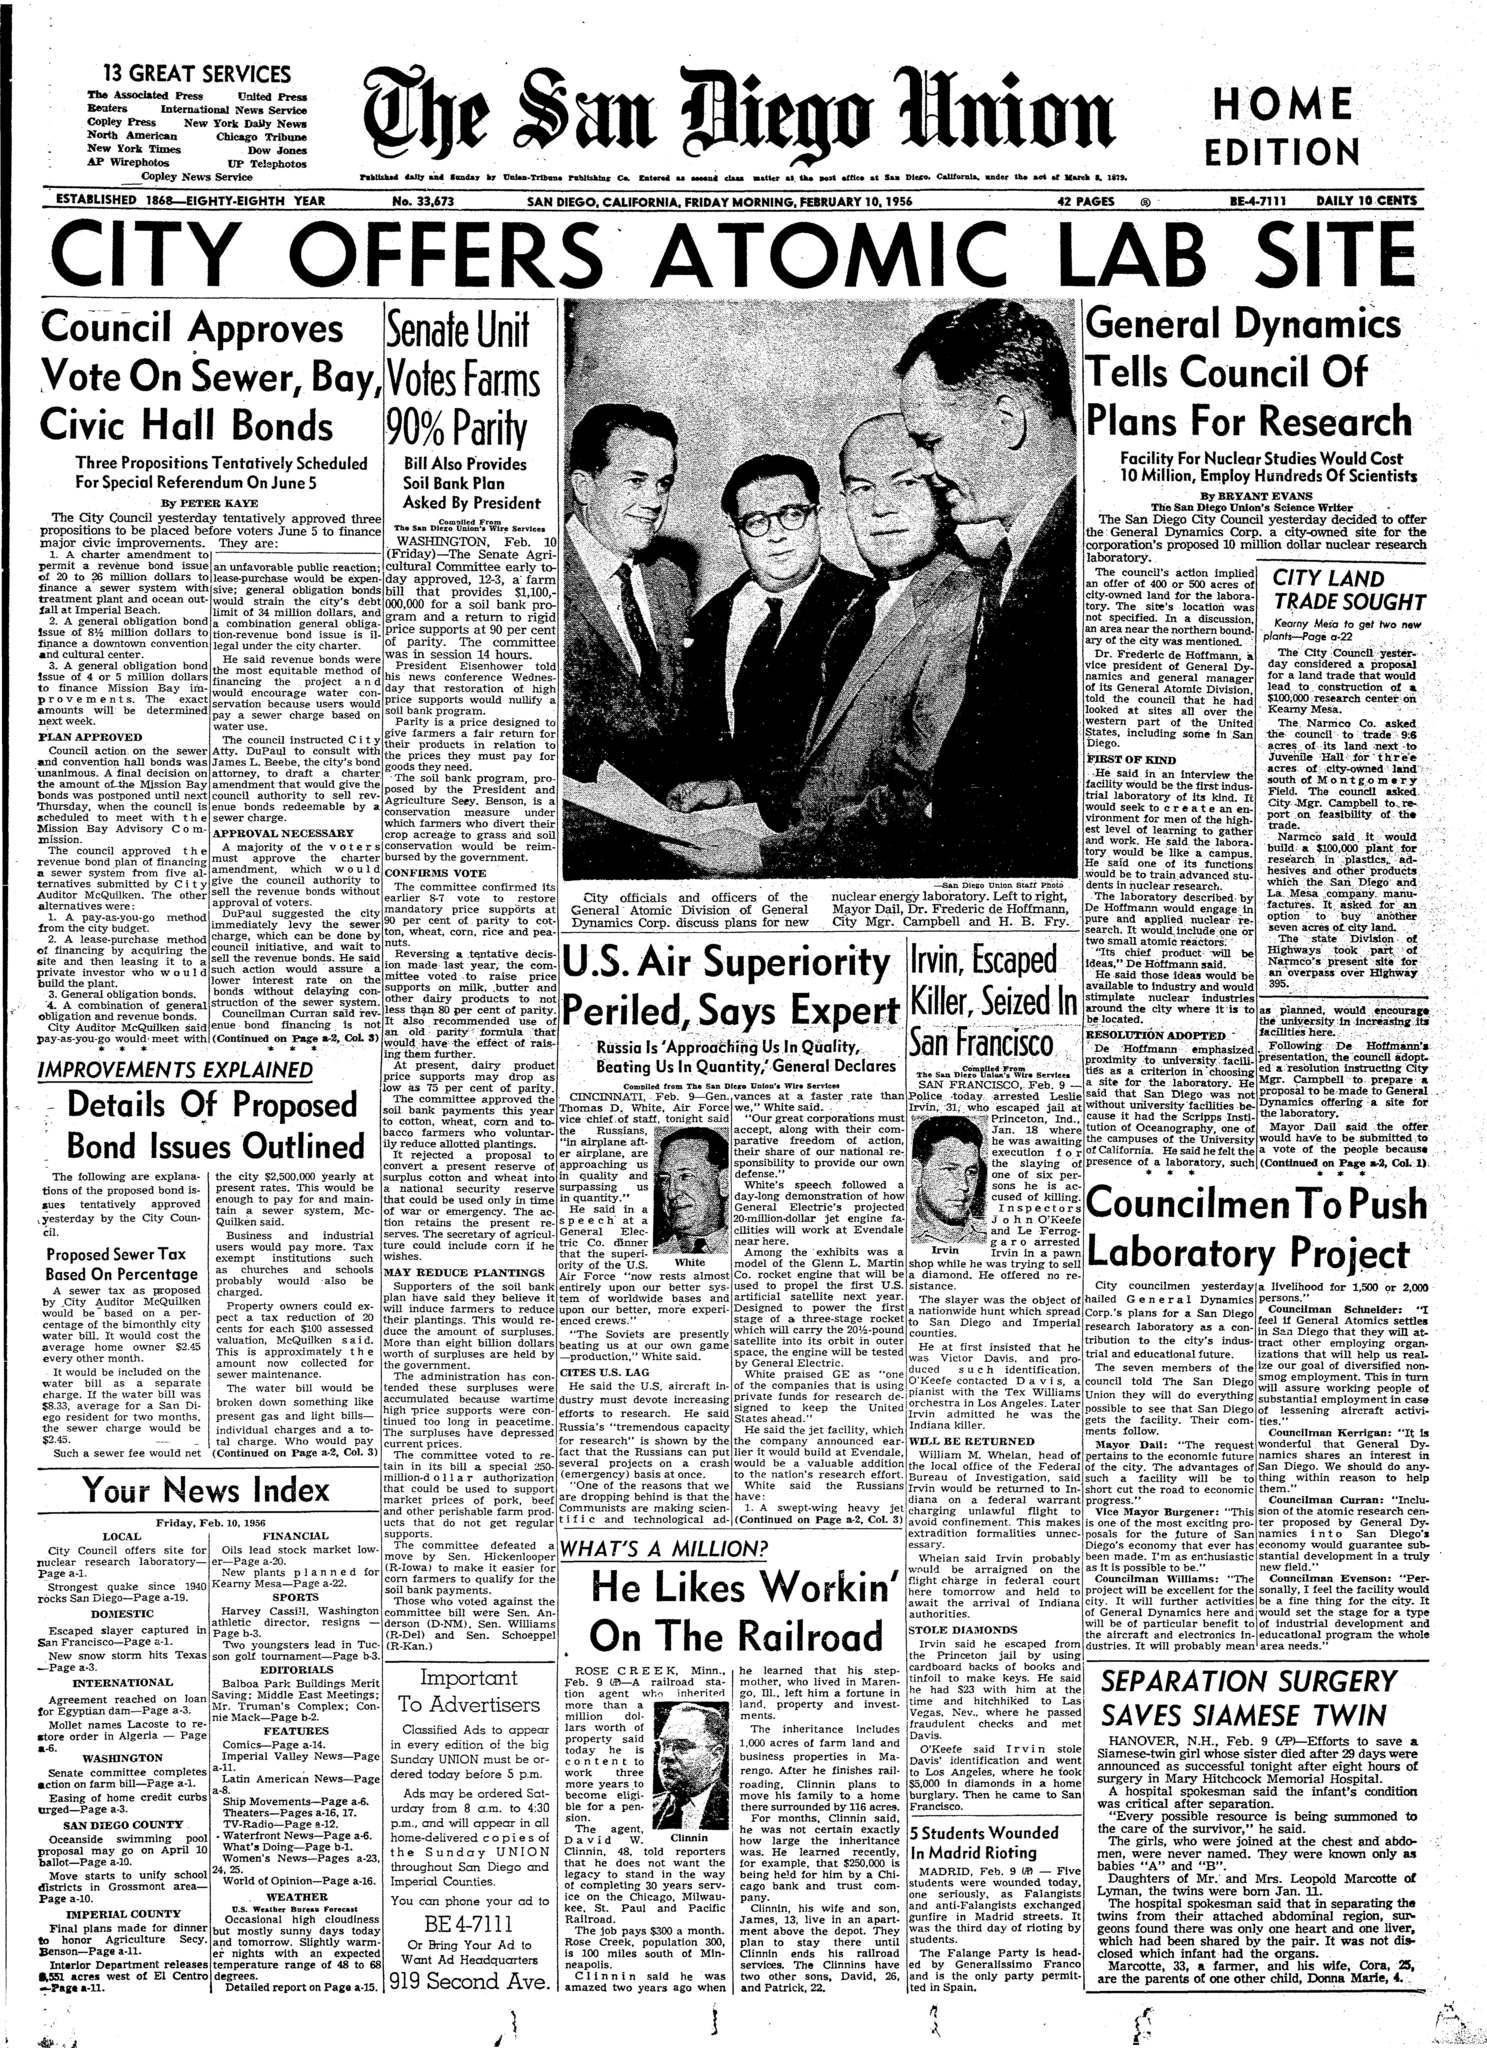 February 10, 1956